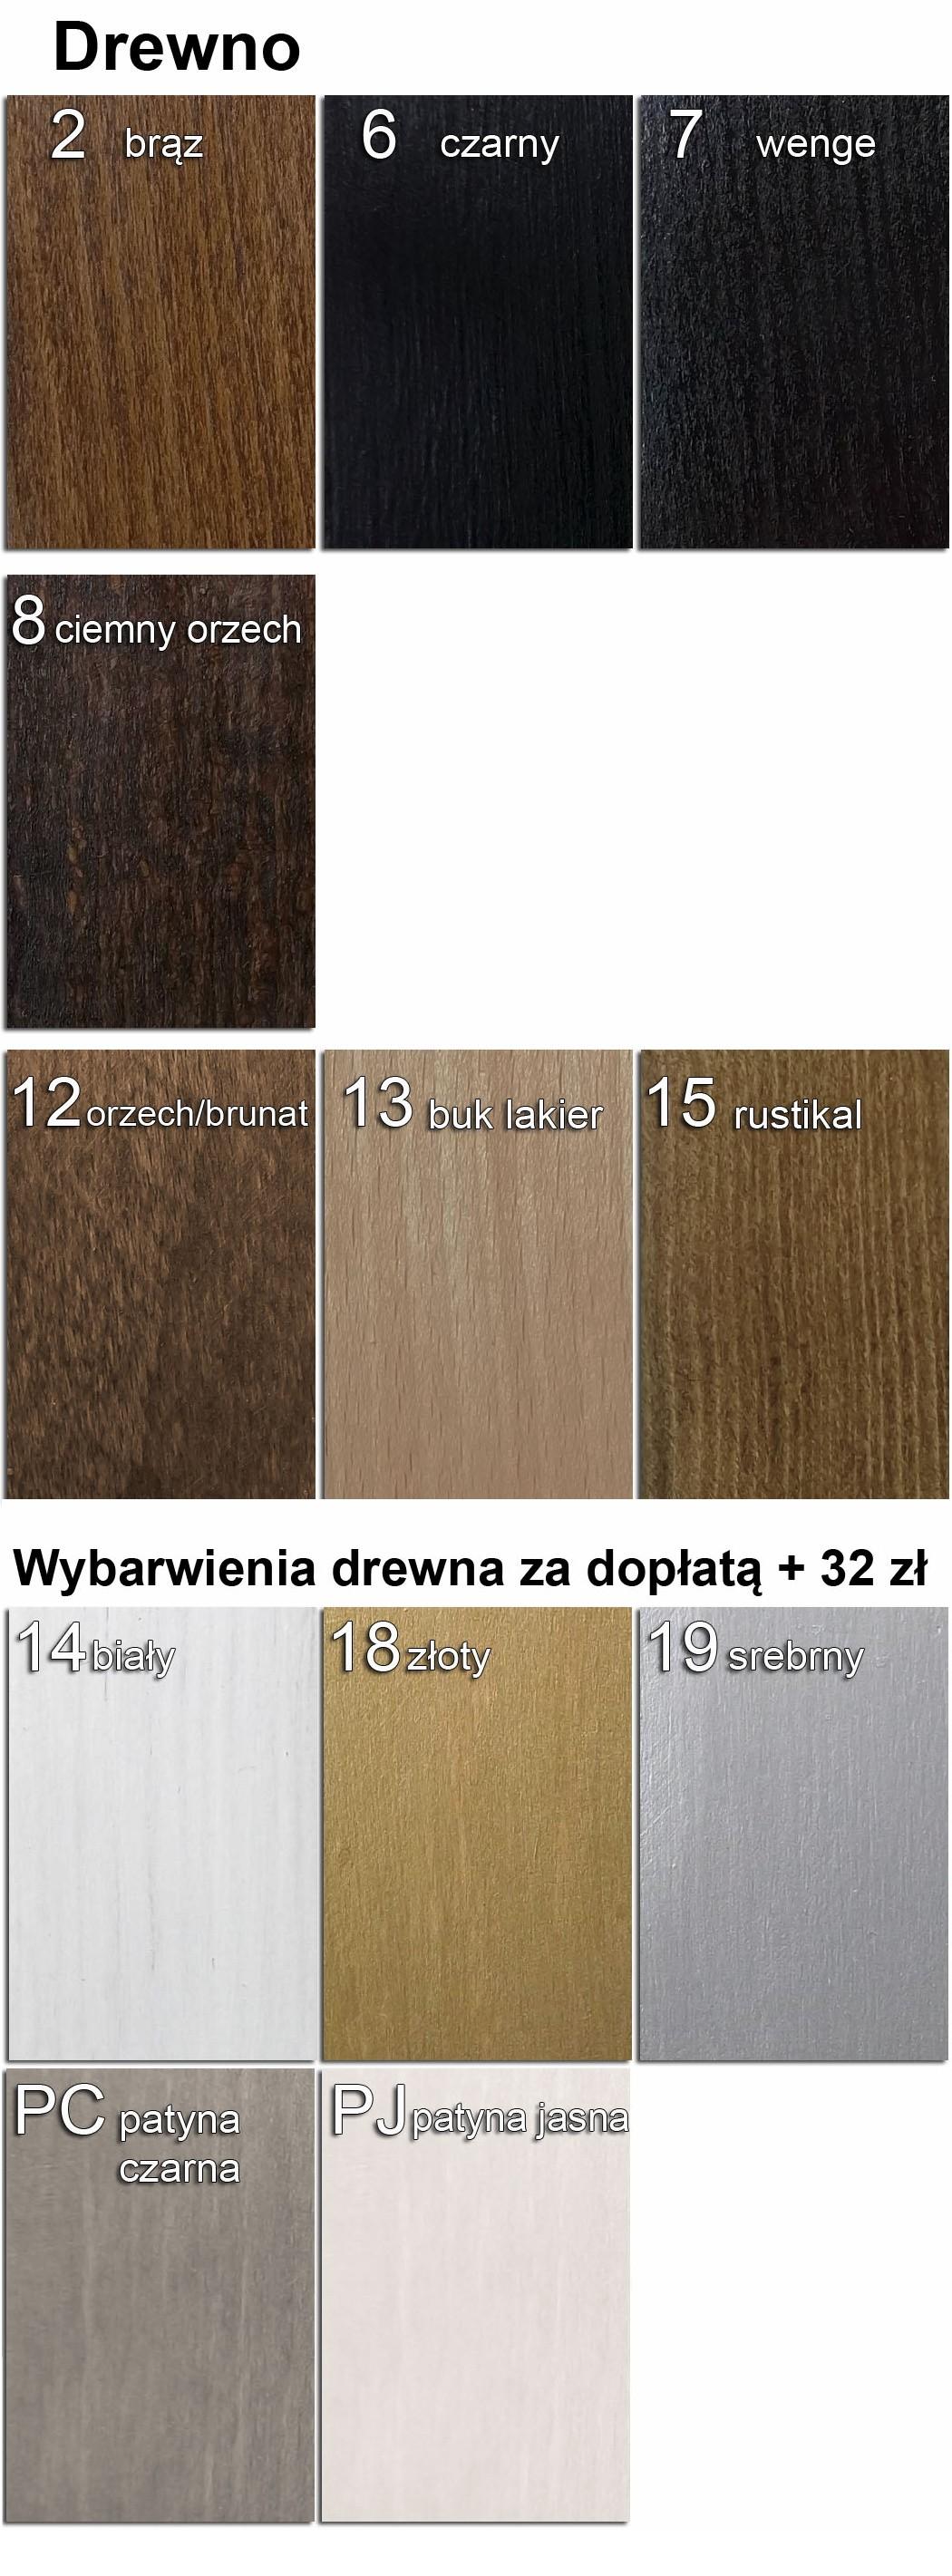 Das Drewno